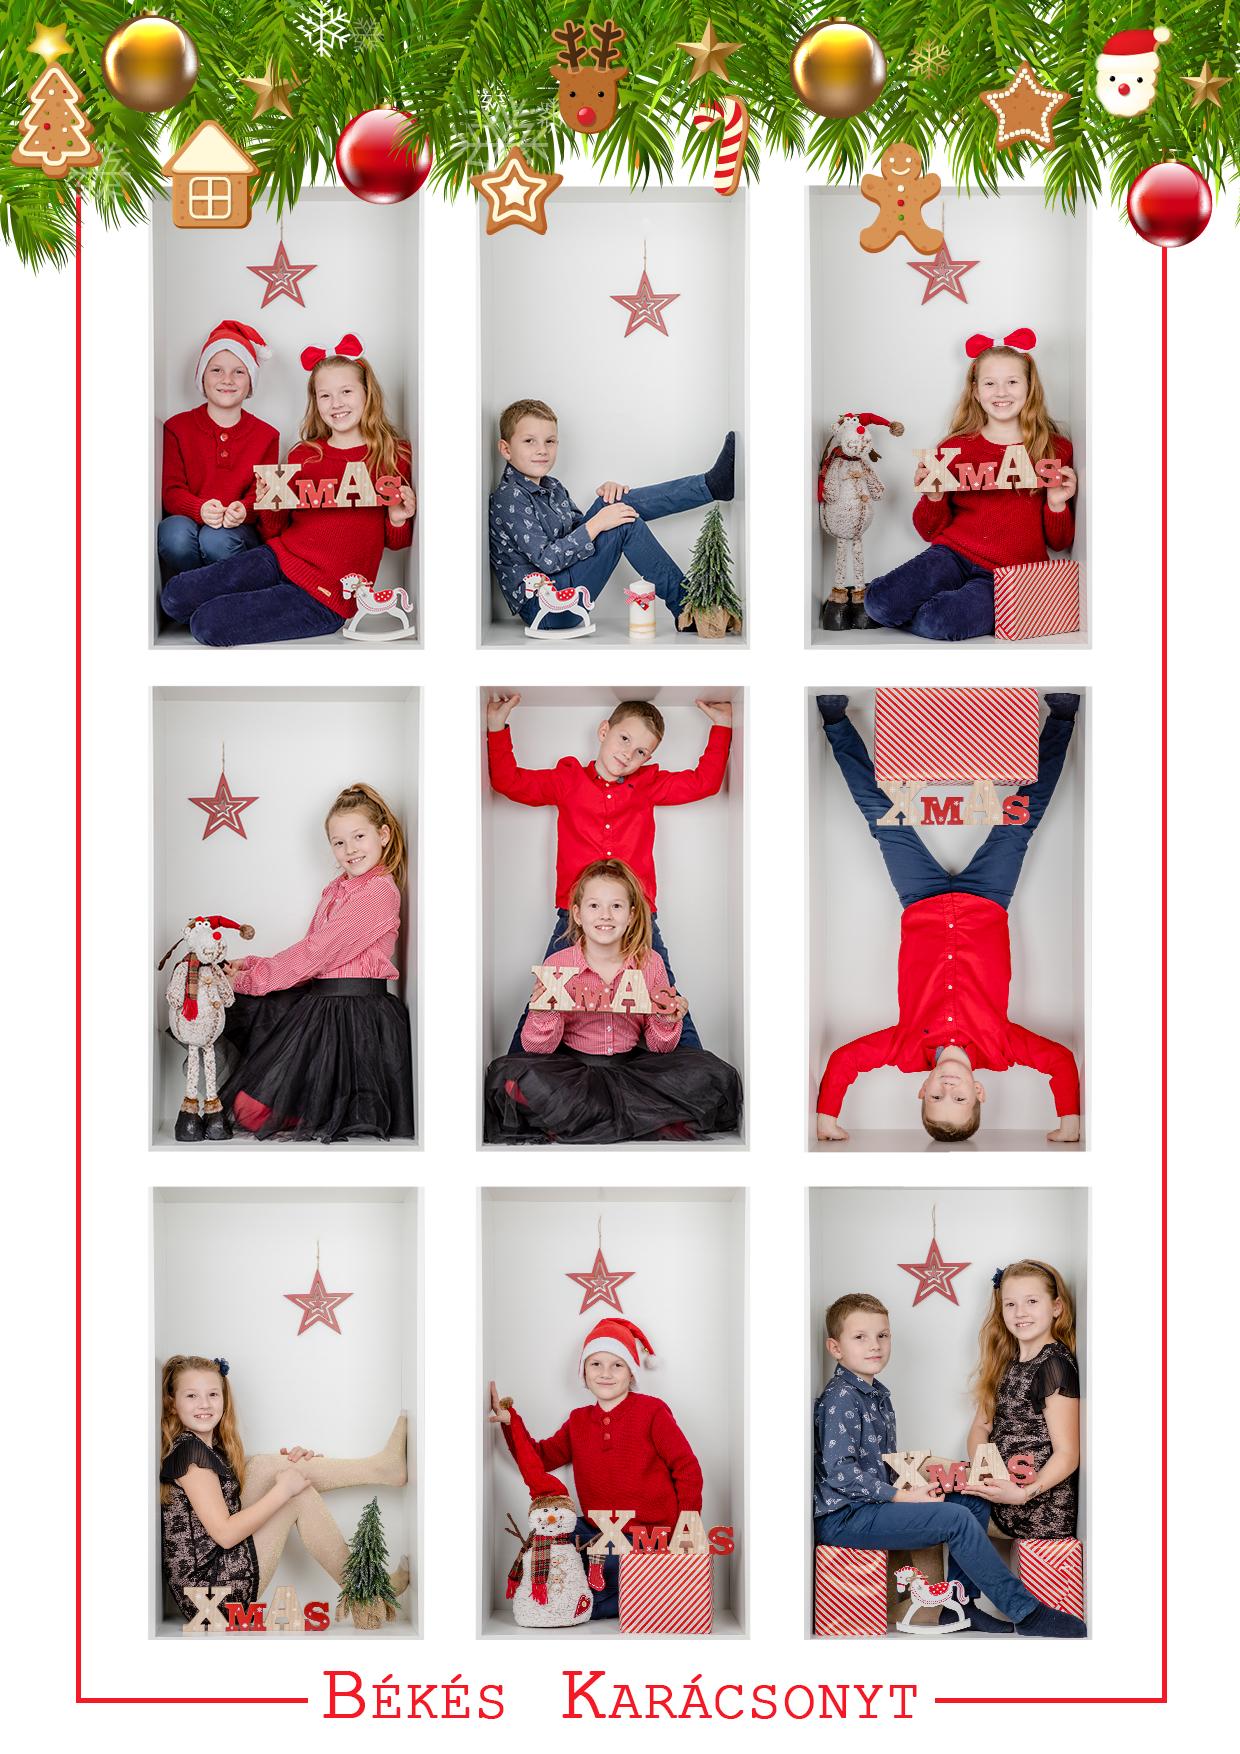 Karácsonyi fotózás ár